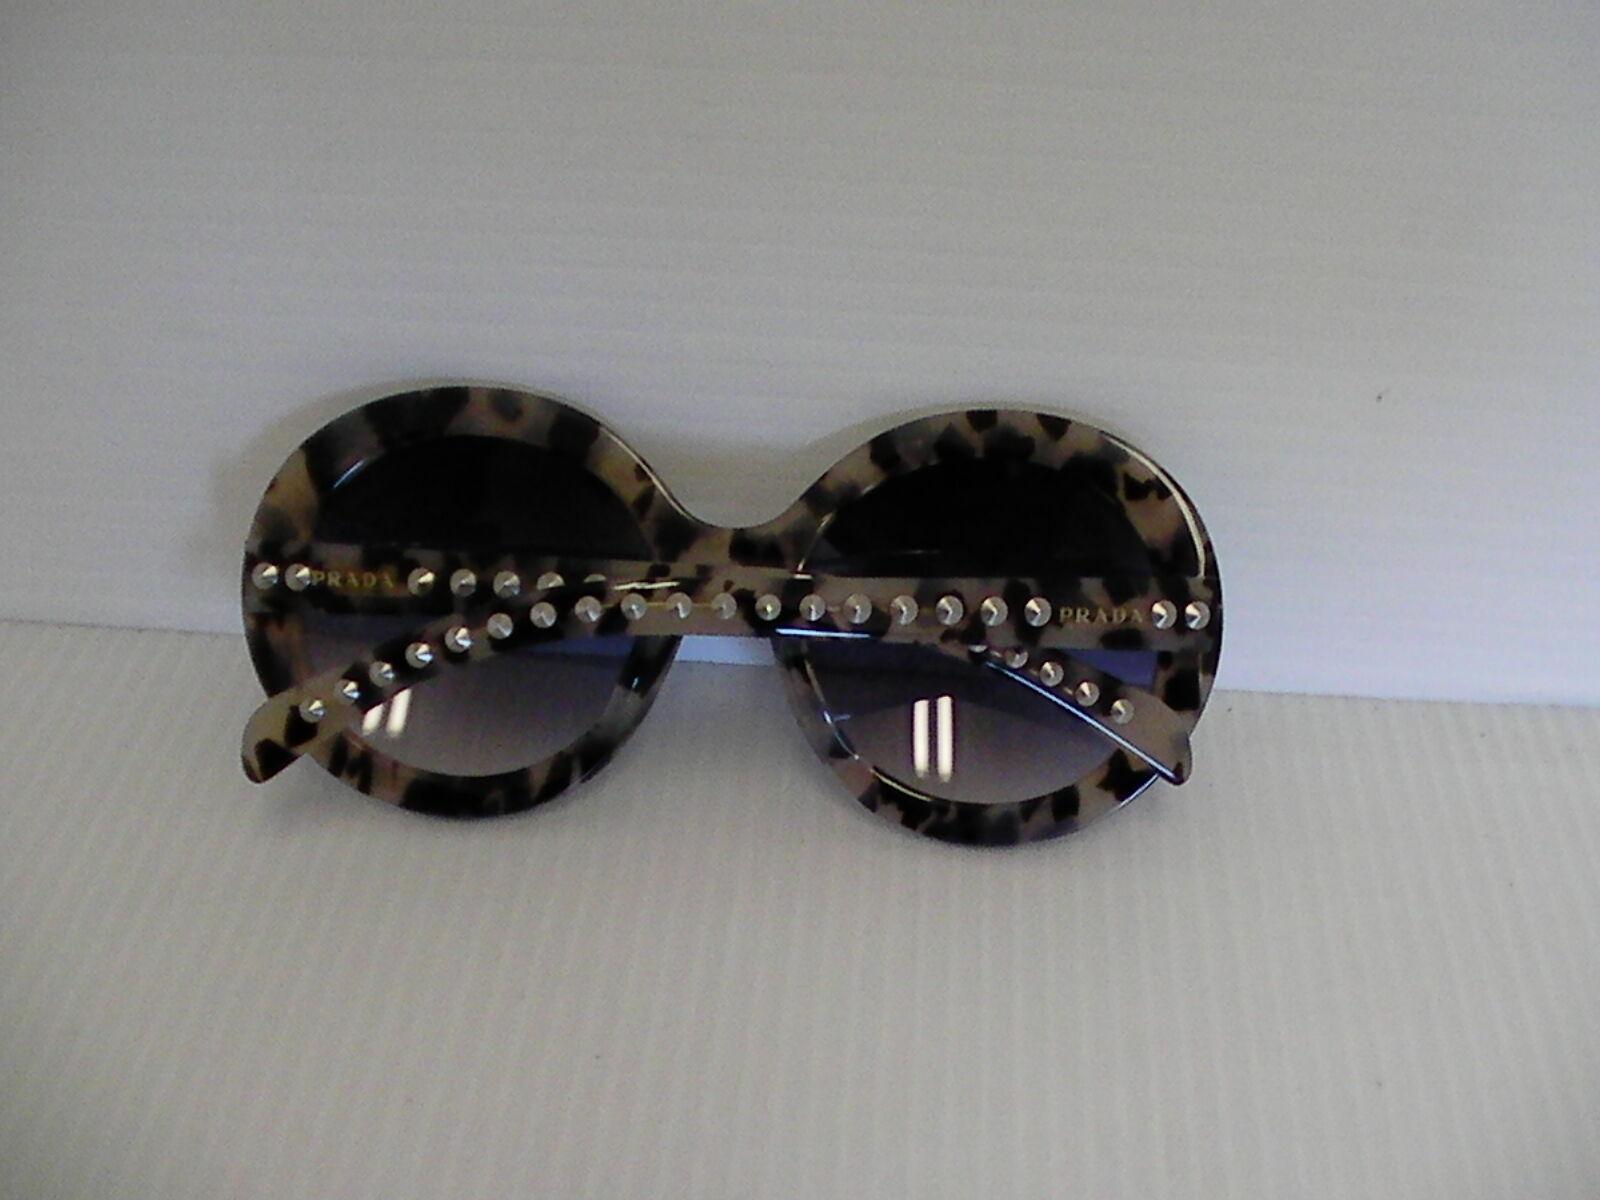 Damen Prada Neue Sonnenbrillen Schwarz Beige mit Nieten Besetzt Barock Spr29qsk image 7